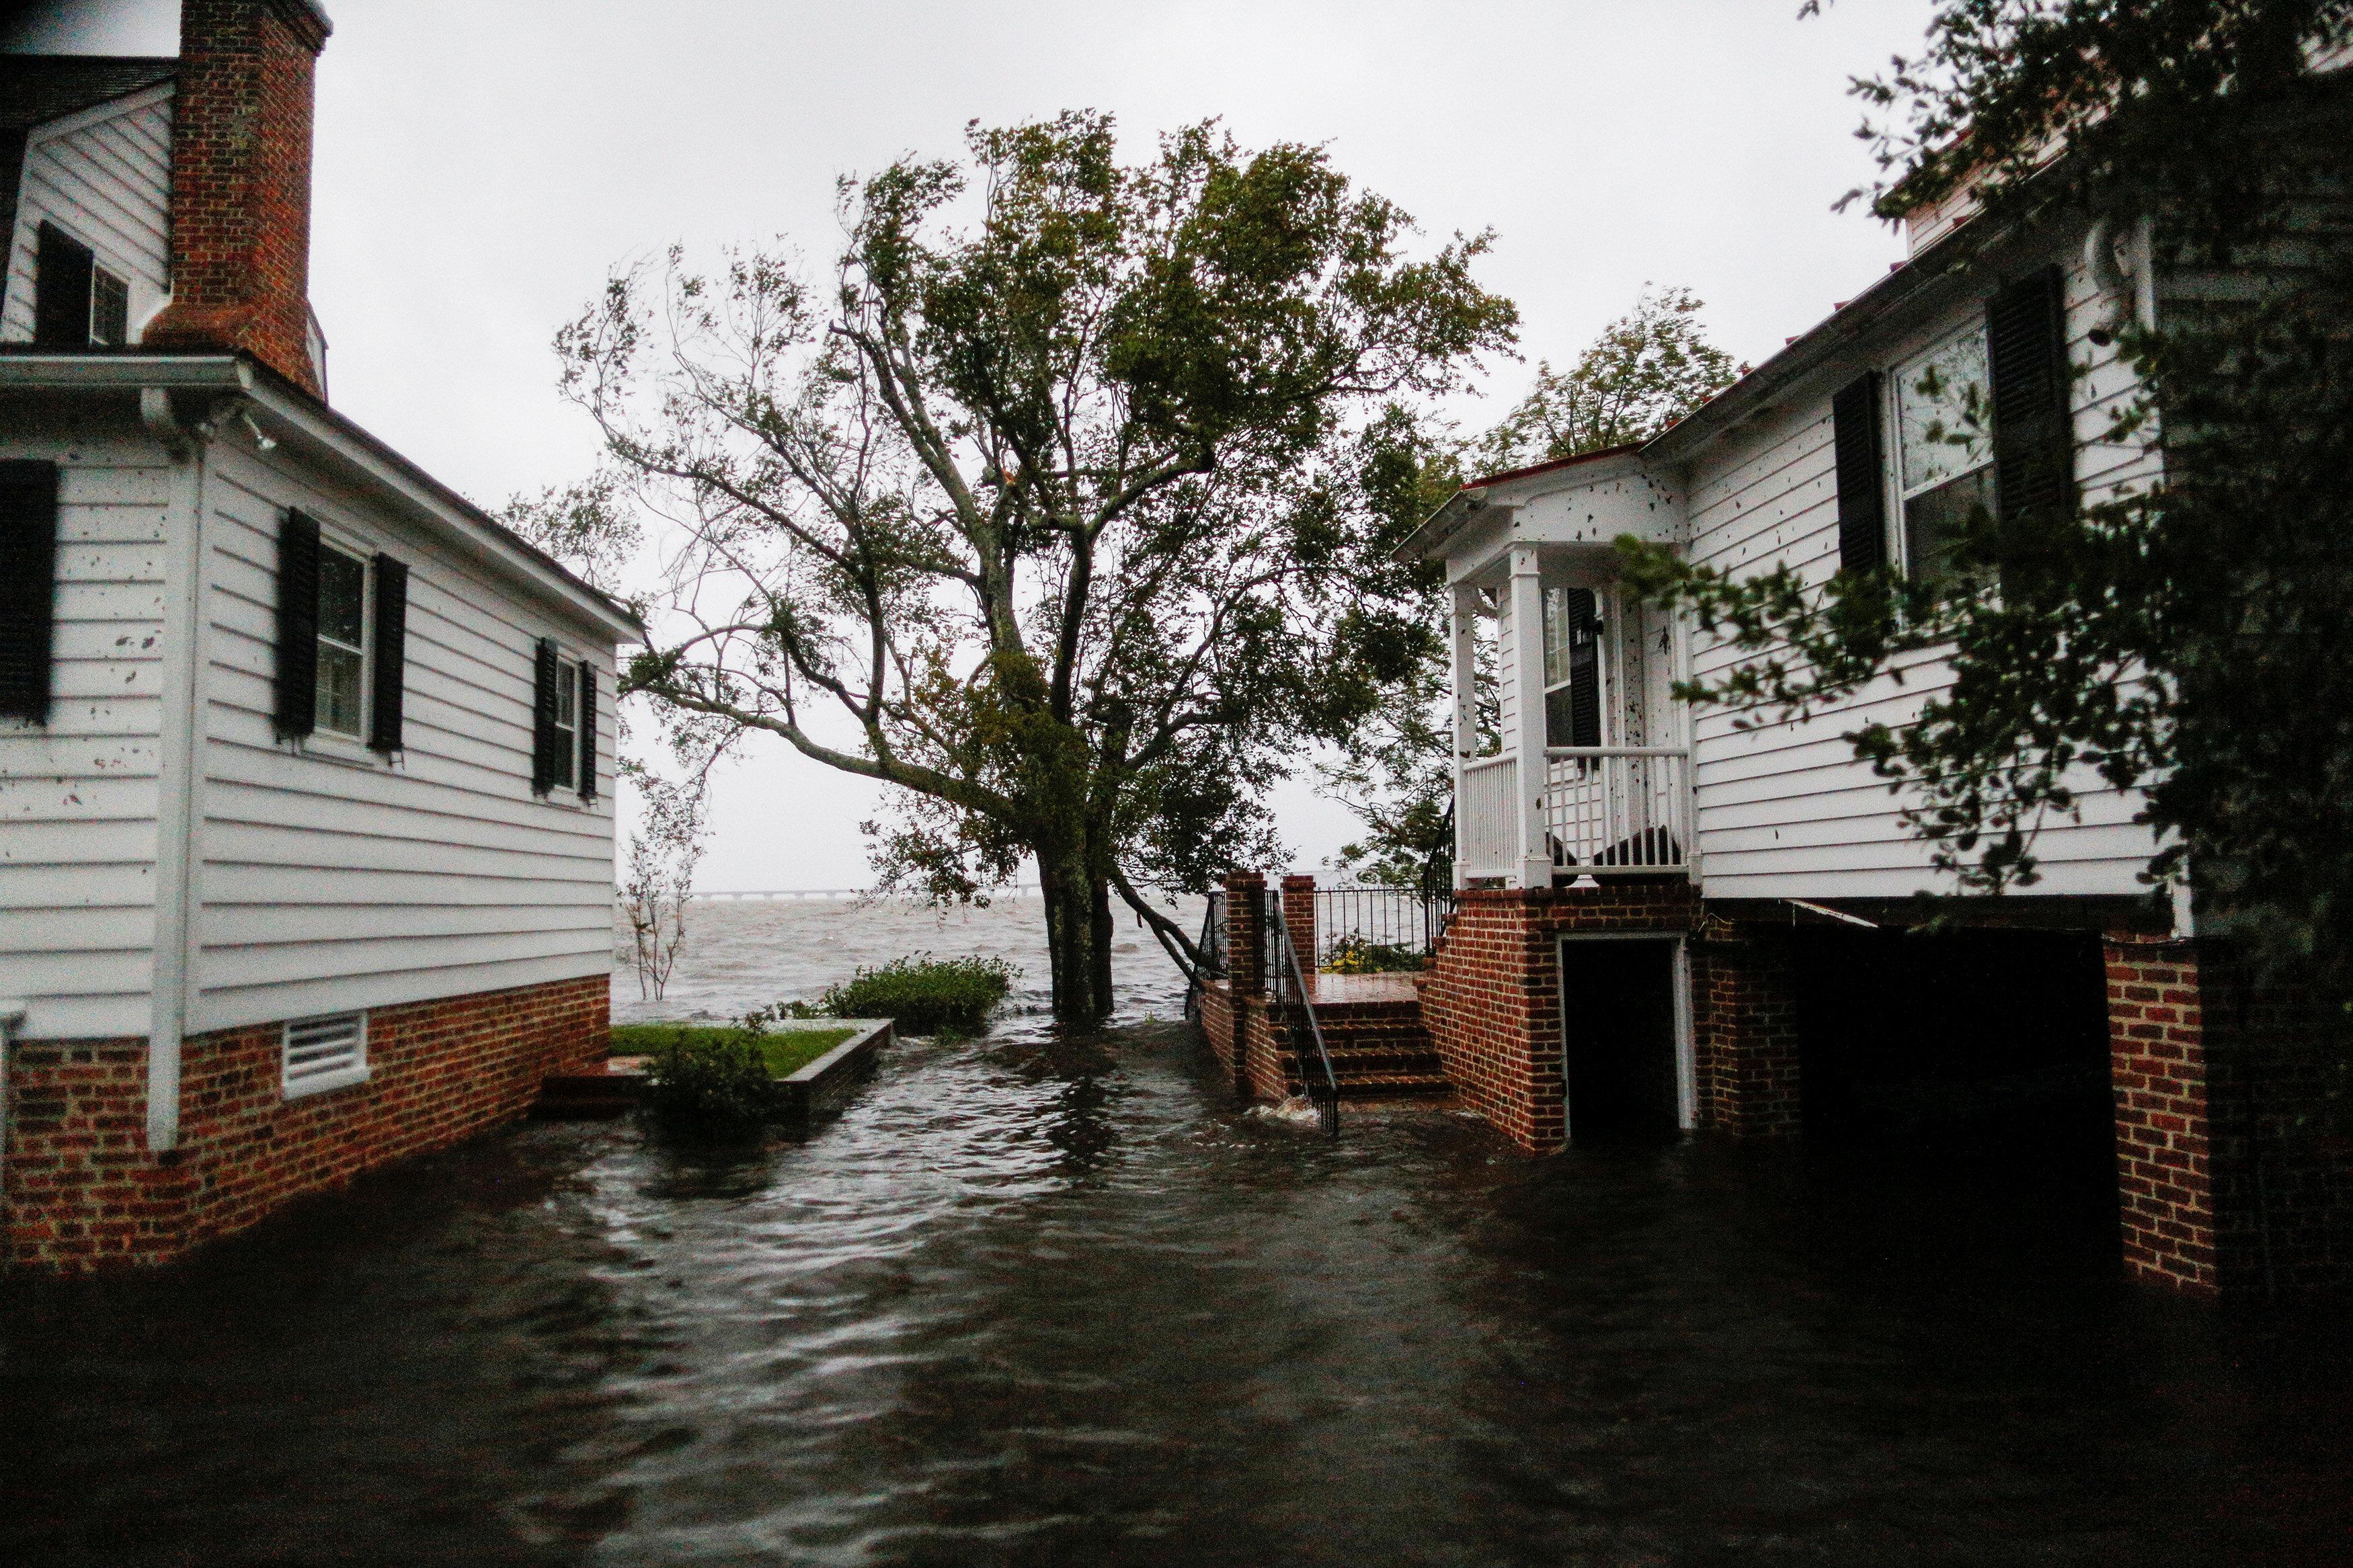 ΗΠΑ: Εξασθένιση του κυκλώνα Φλόρενς πάνω από τη Νότια Καρολίνα - Στους πέντε οι νεκροί